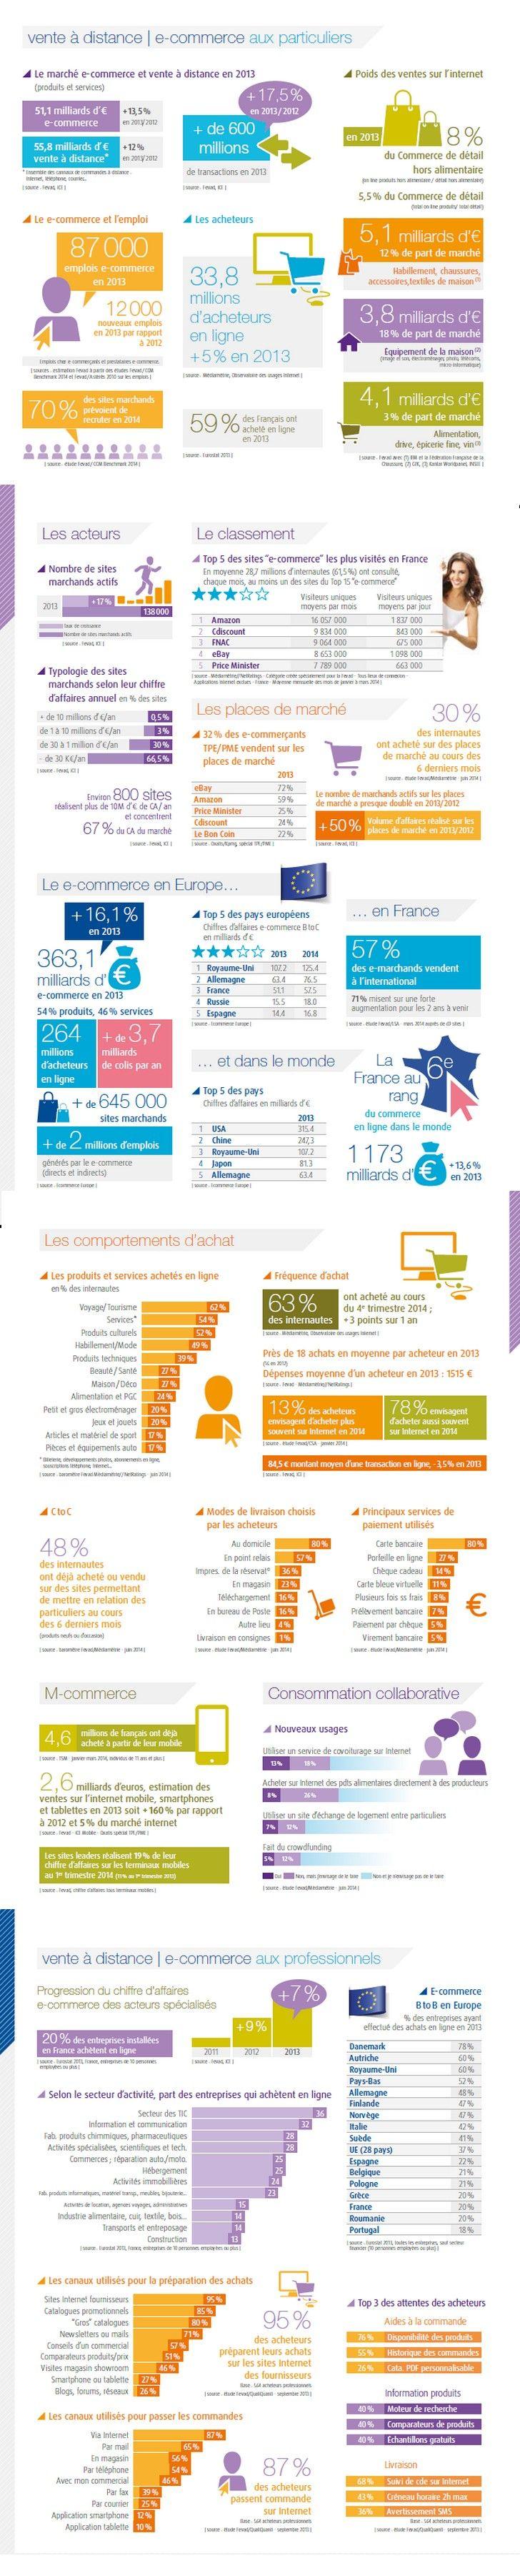 Infographie : l'e-commerce français enun coup d'oeil